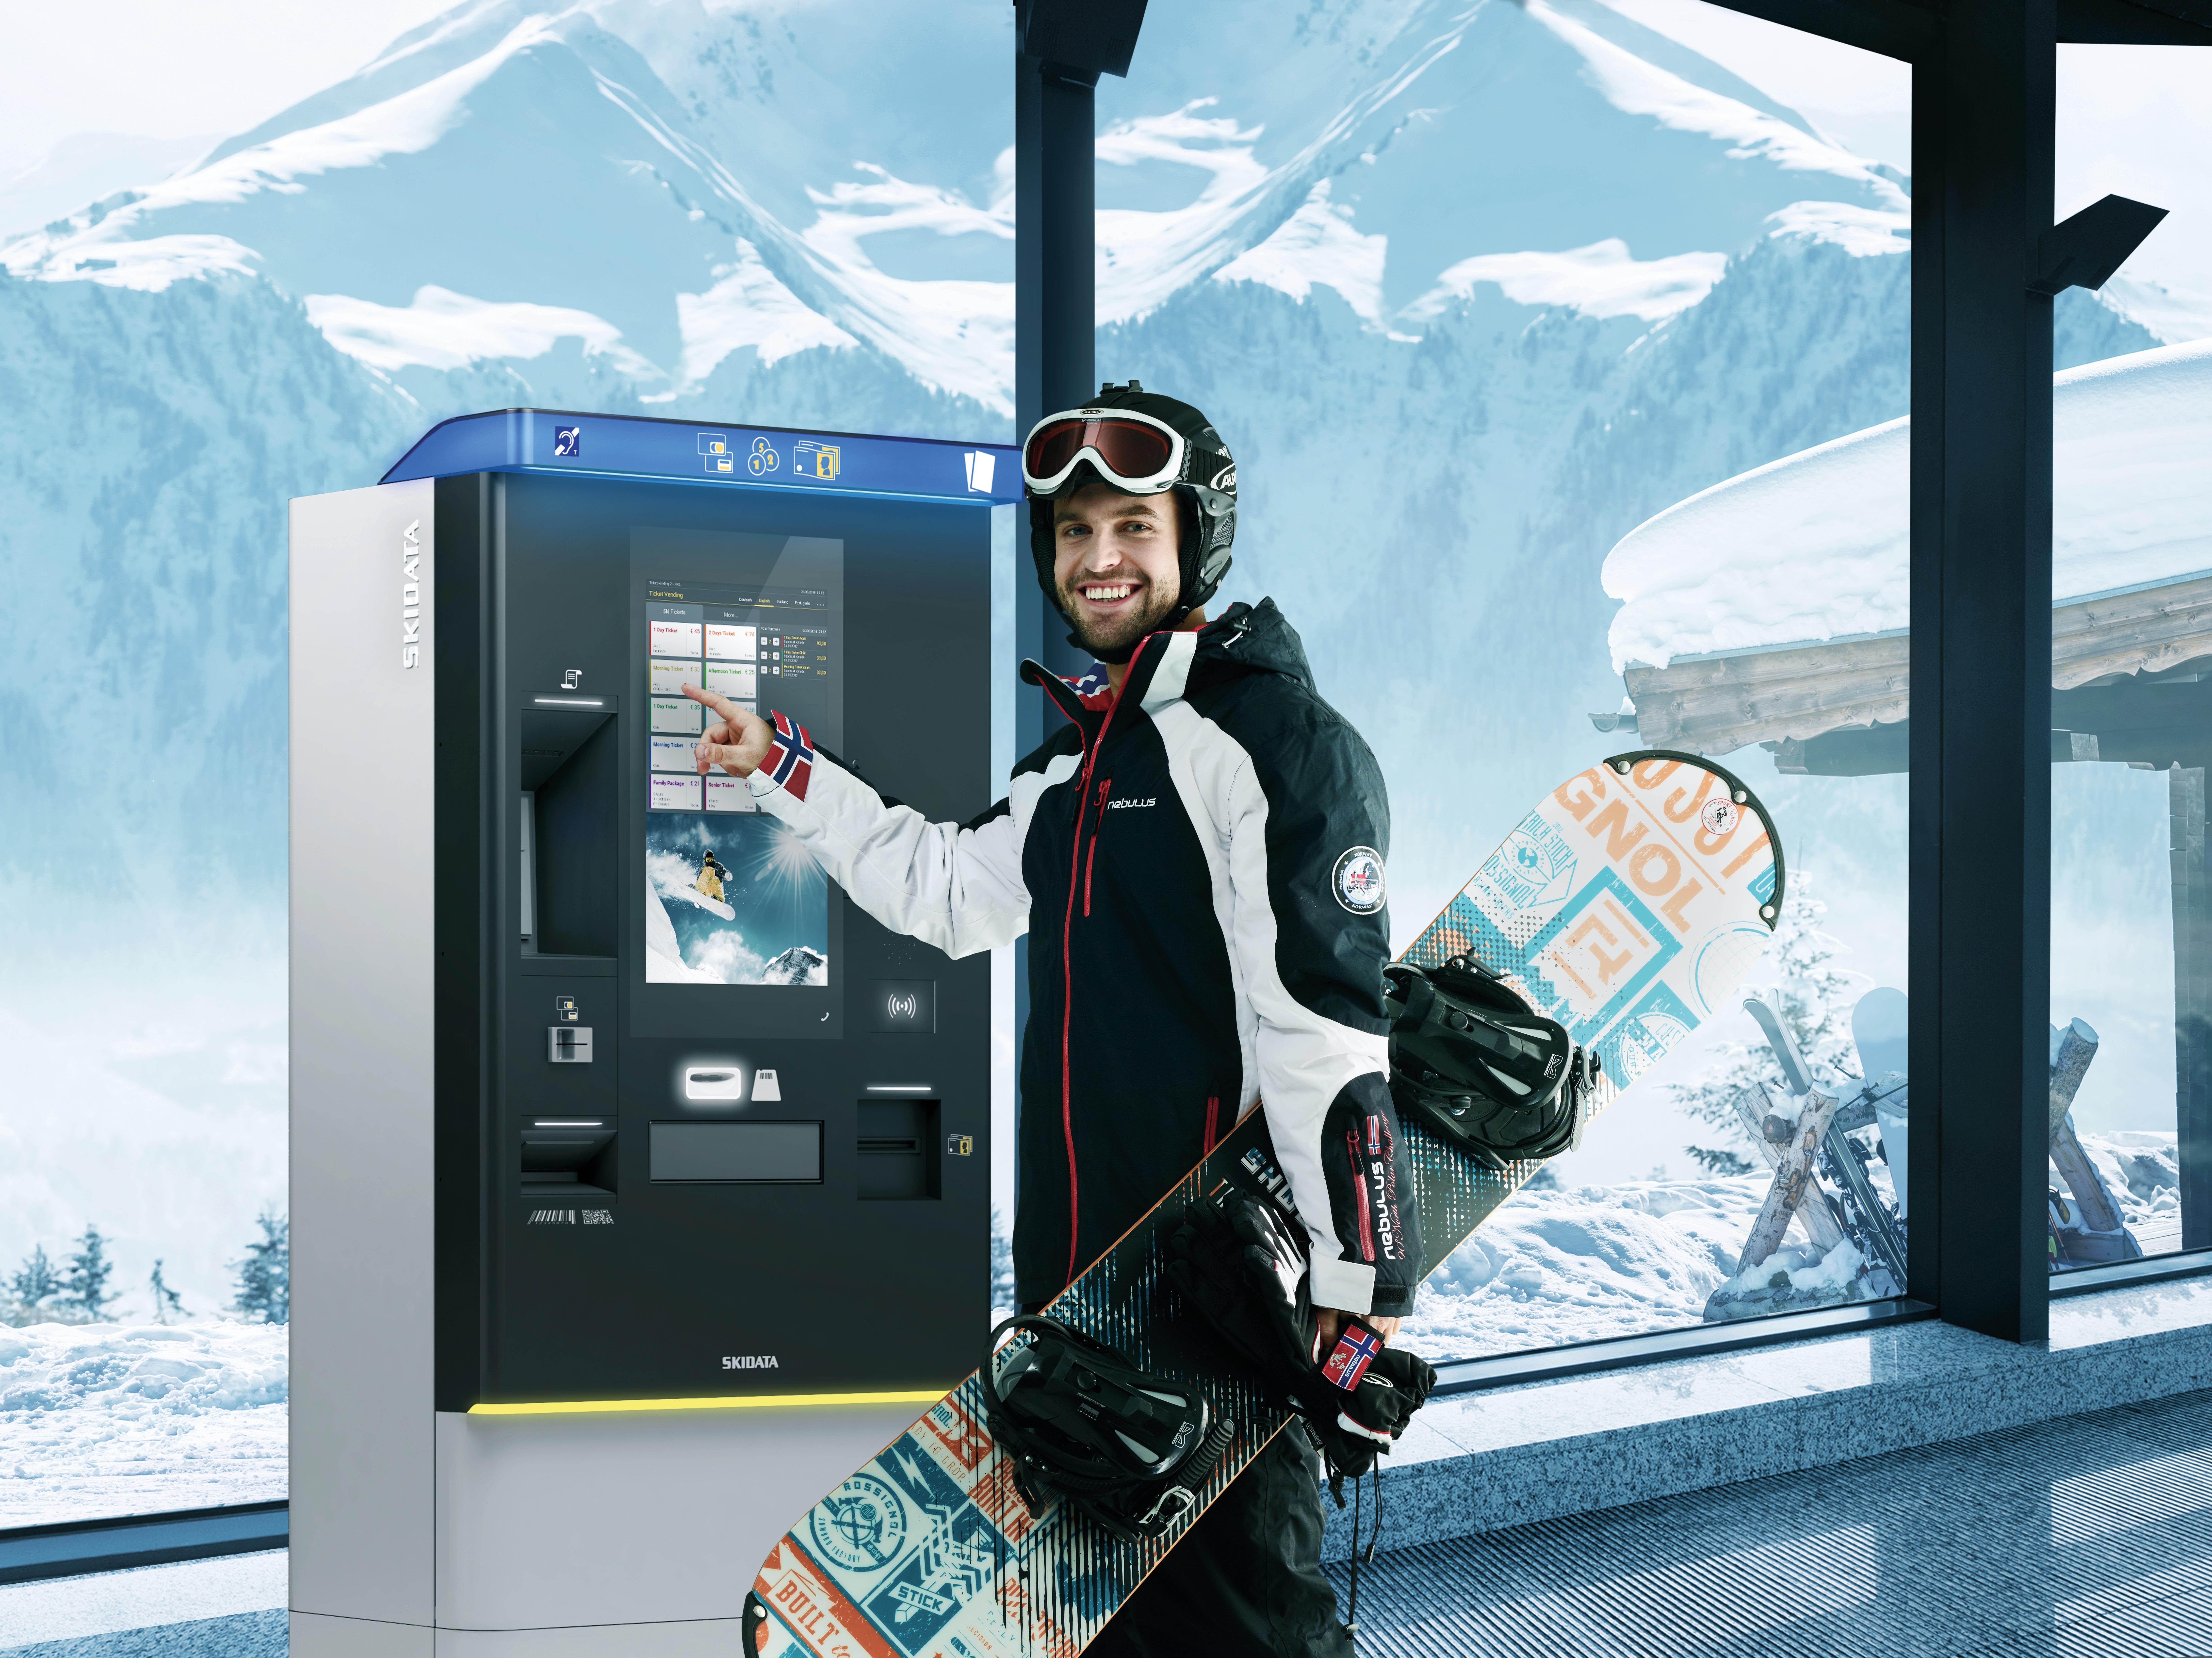 Skiticket per Automaten kaufen, Skiticket online kaufen